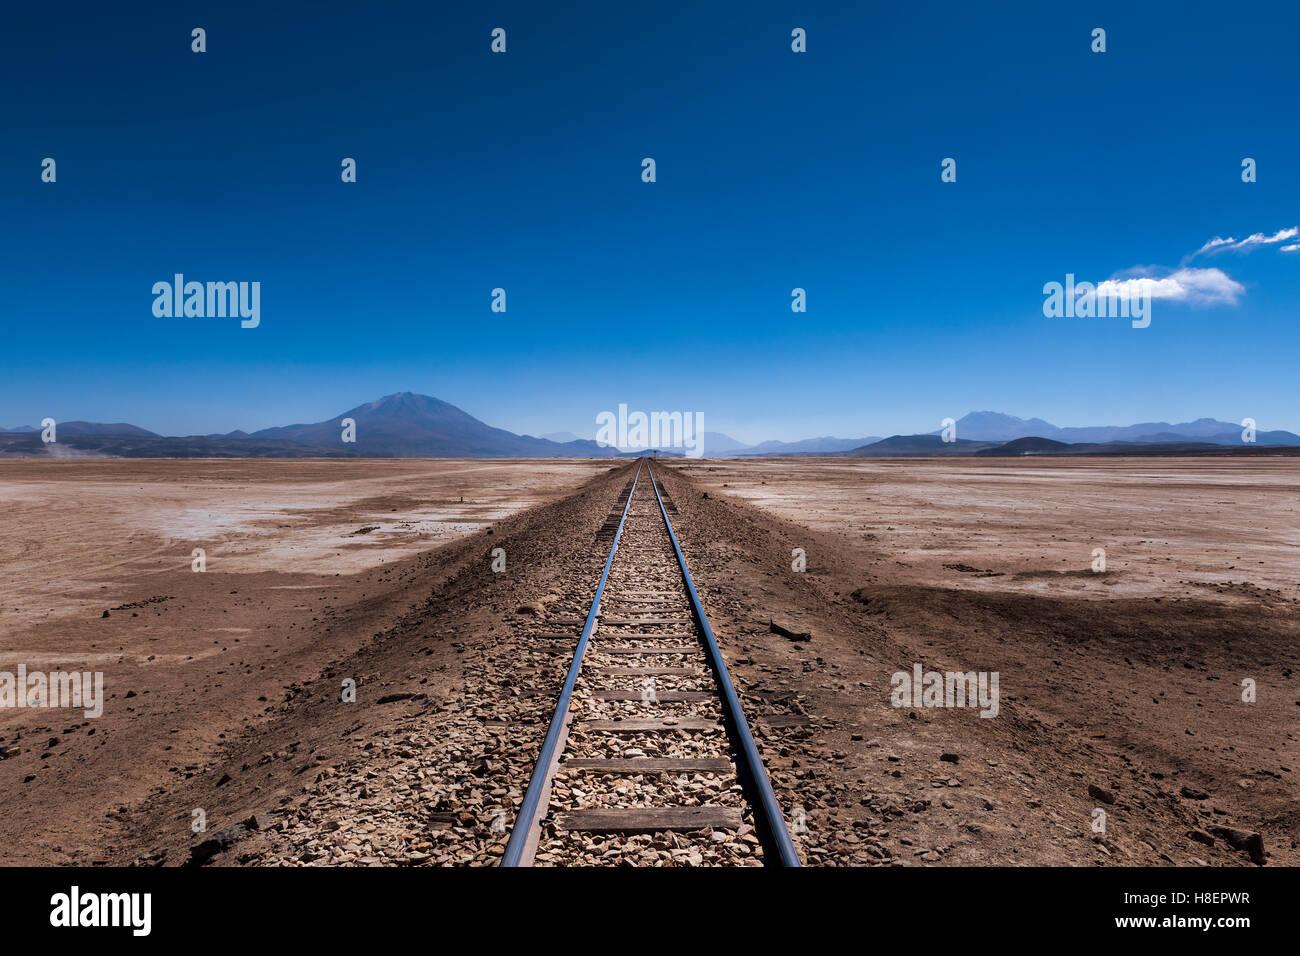 Schienen Sie in der Wüste im Großraum Potosí in Bolivien, Südamerika; Konzept für eine Stockbild